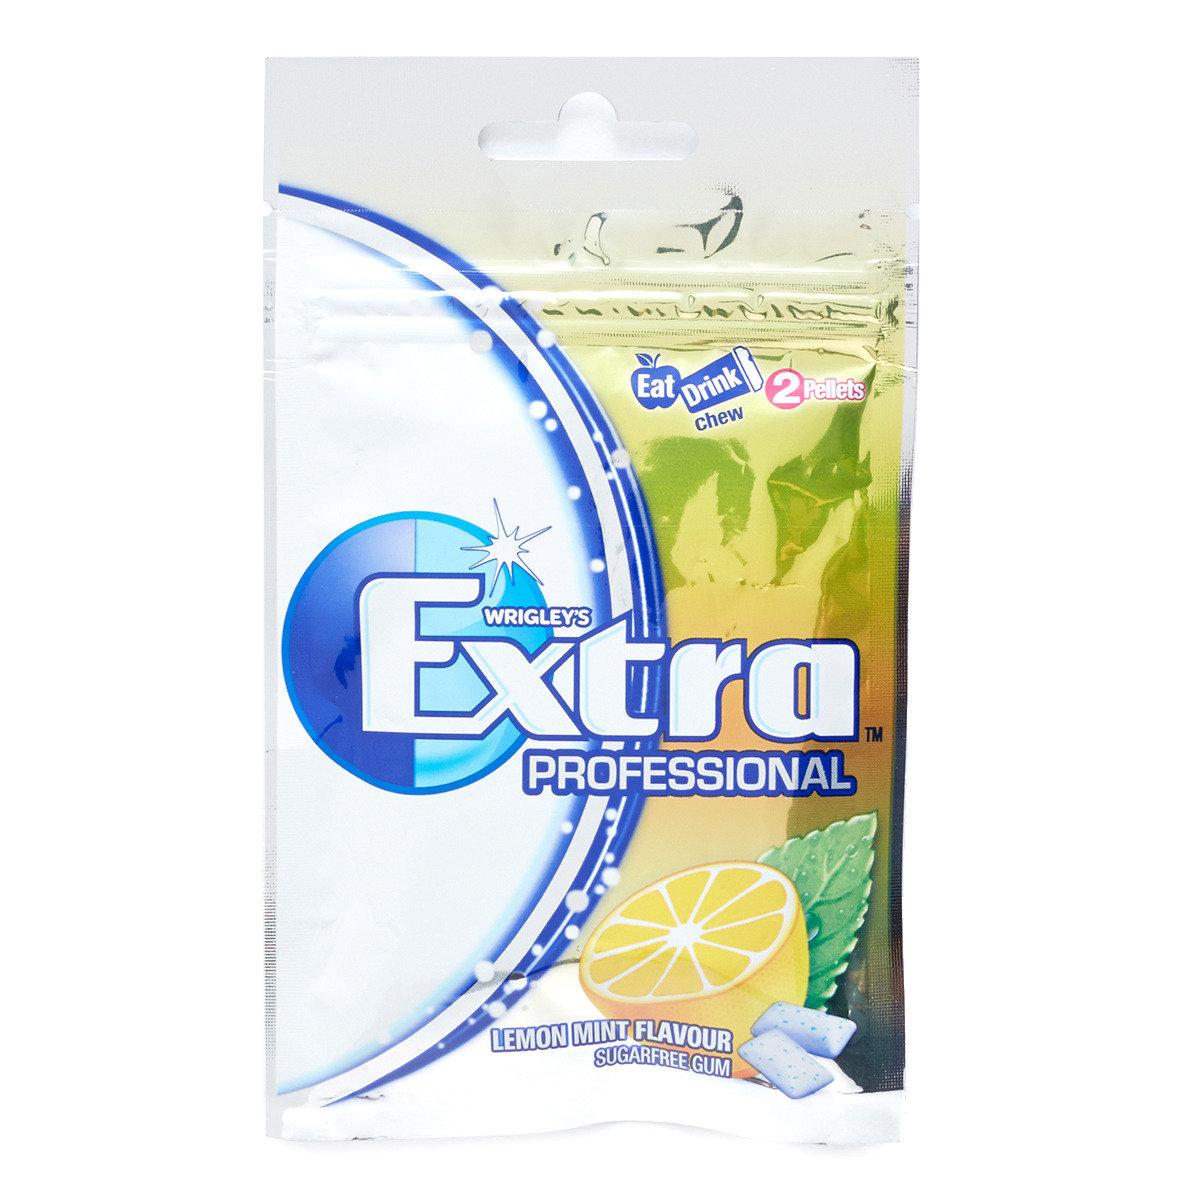 檸檬薄荷專業無糖香口珠袋裝